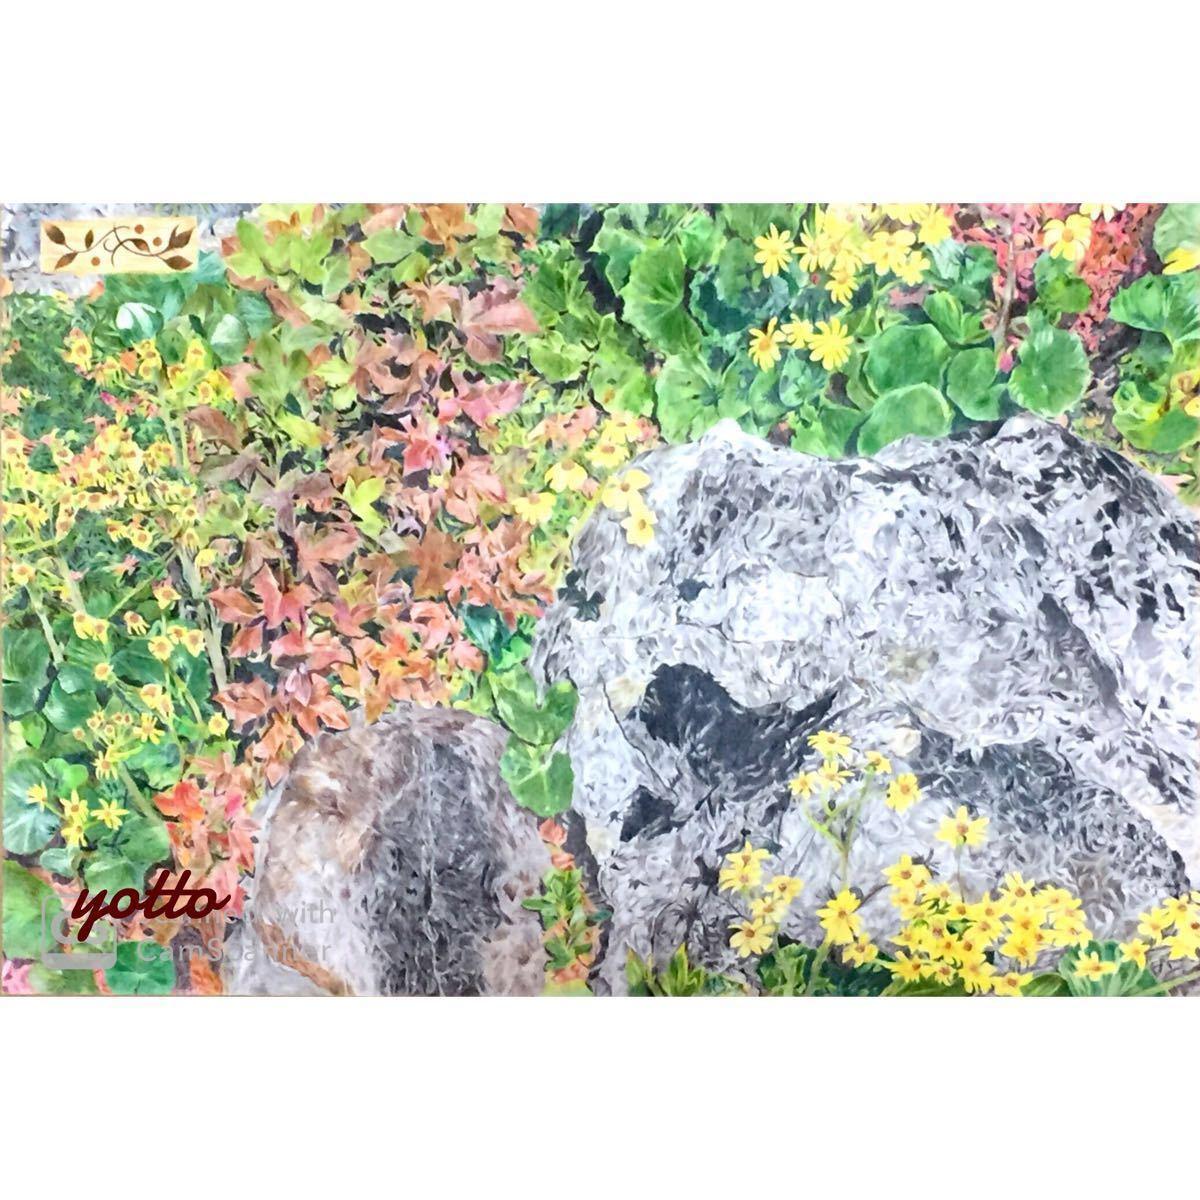 色鉛筆画「 出会い 」A2・額付き◇◆手描き◇原画◆風景画◇◆yotto_画像1